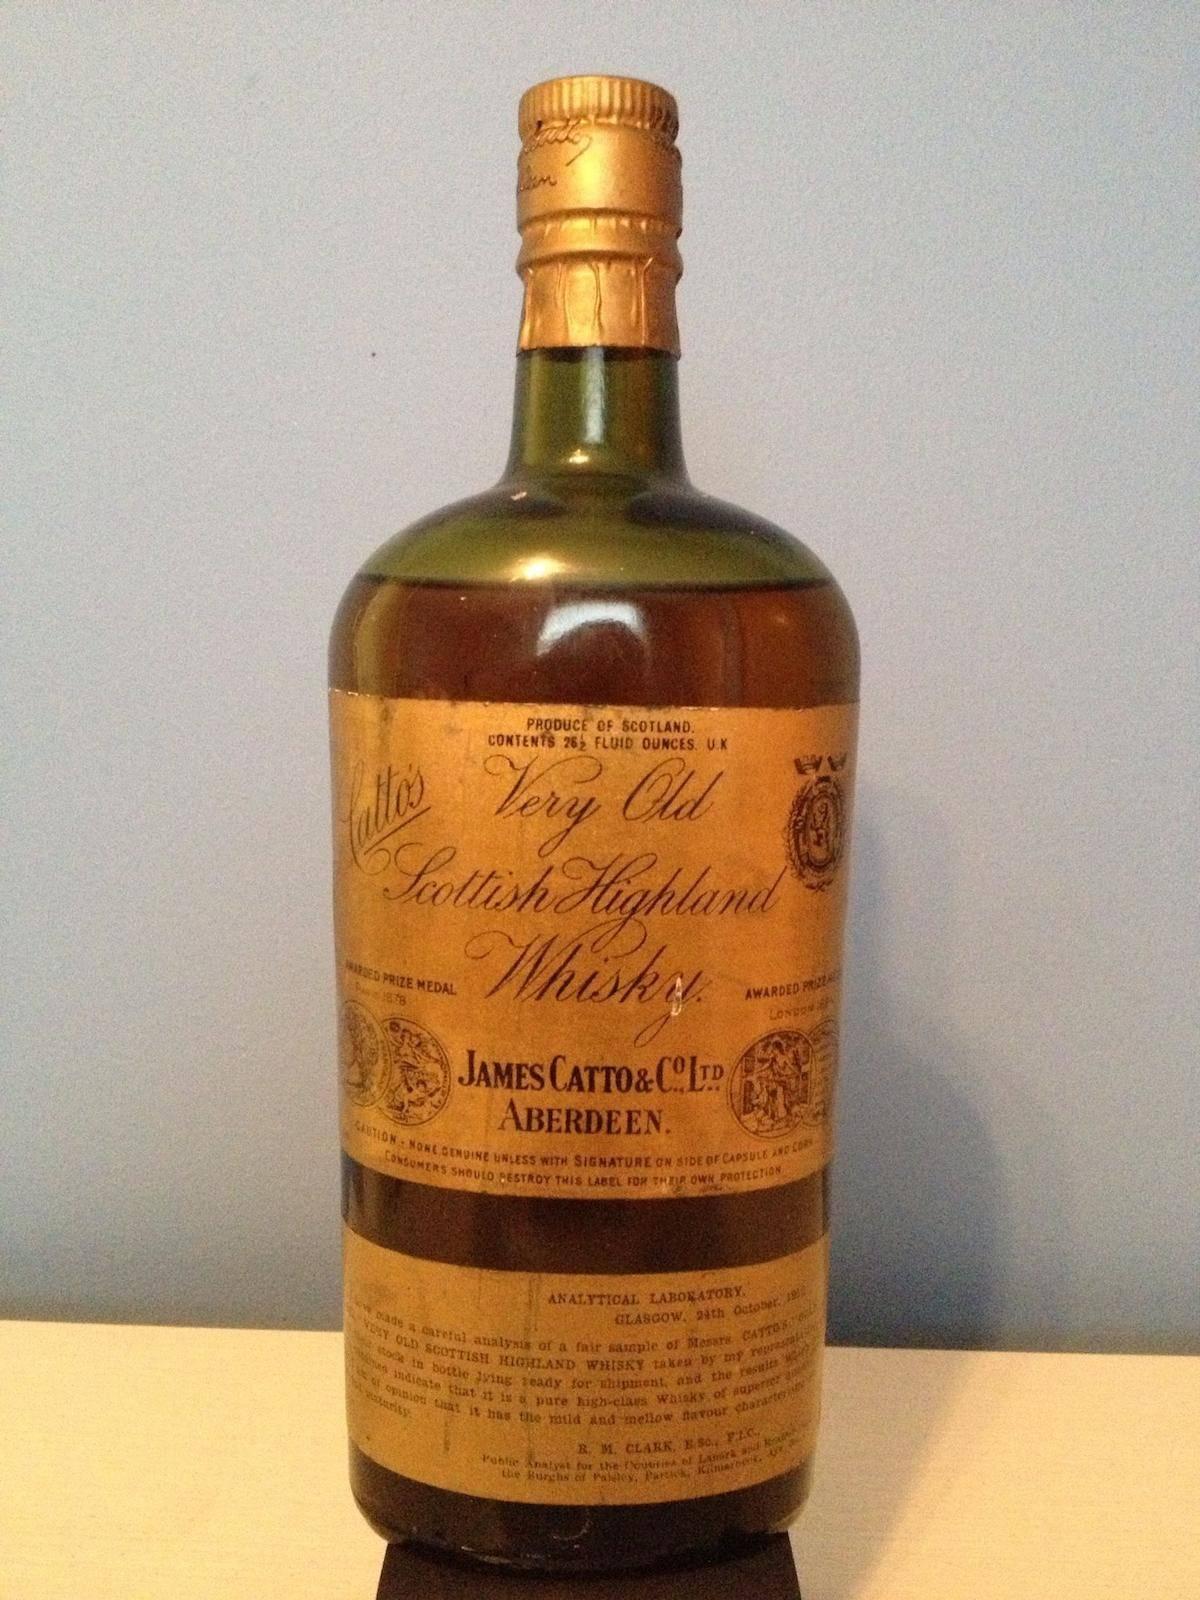 Виски scapa: история напитка, с чем пить, как отличить подделку